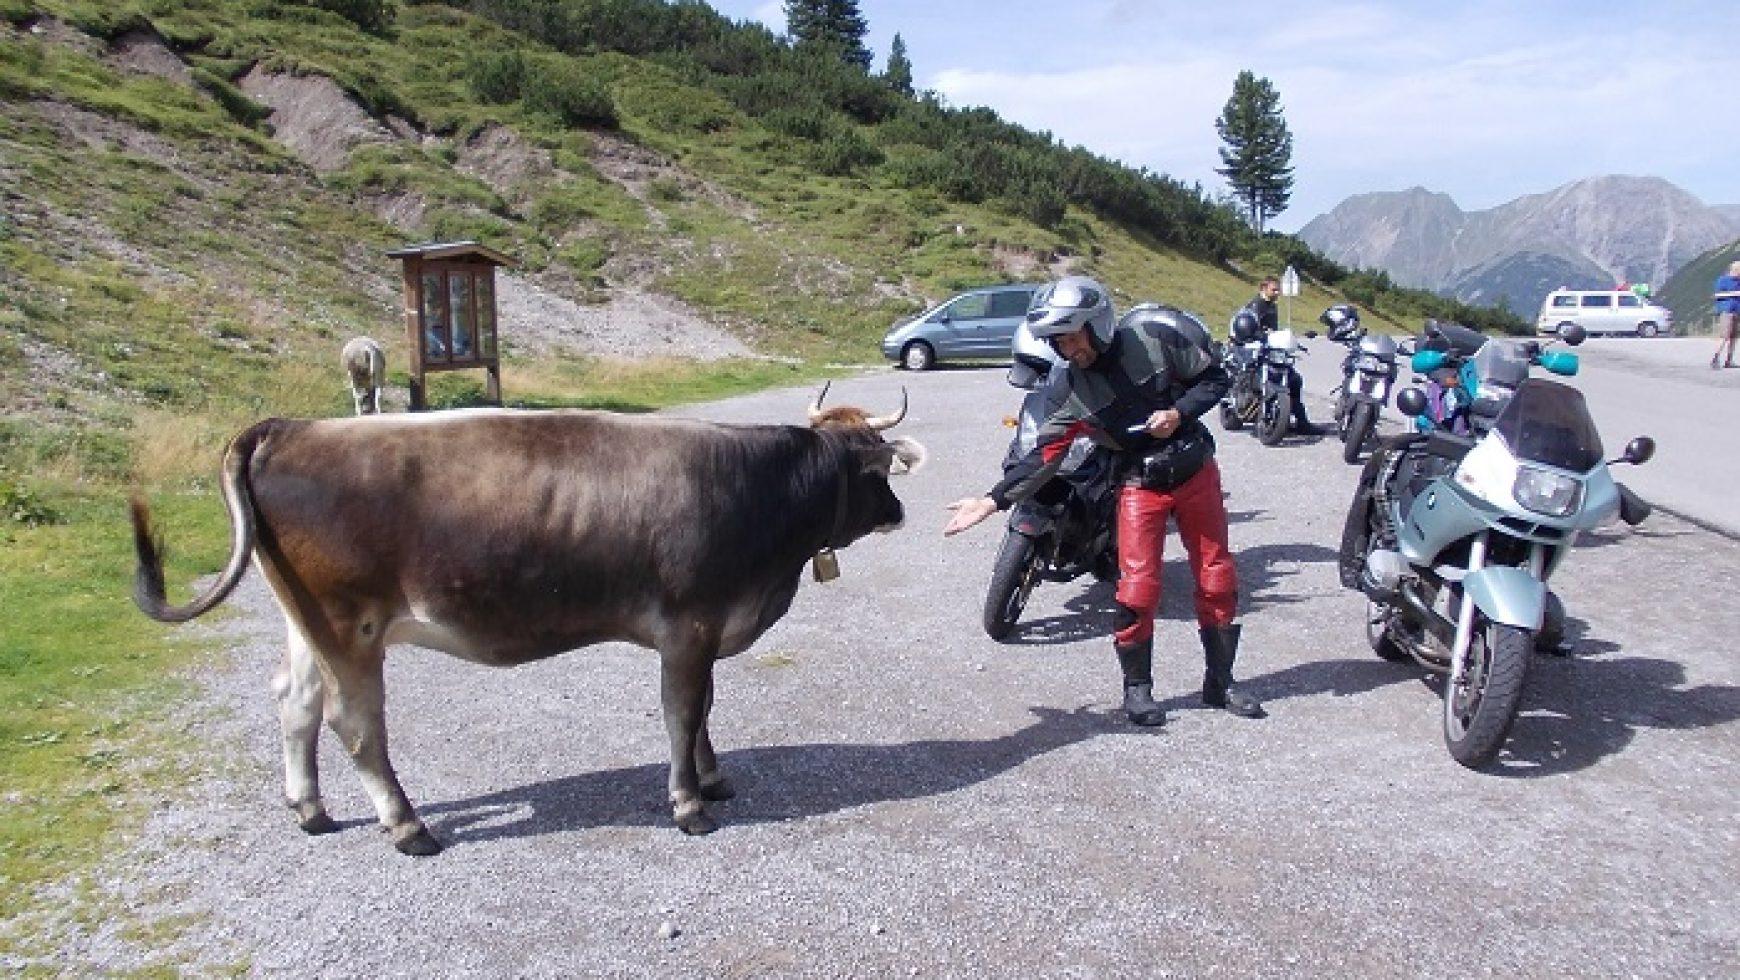 Geführte Motorrad-Tour – Was soll das?